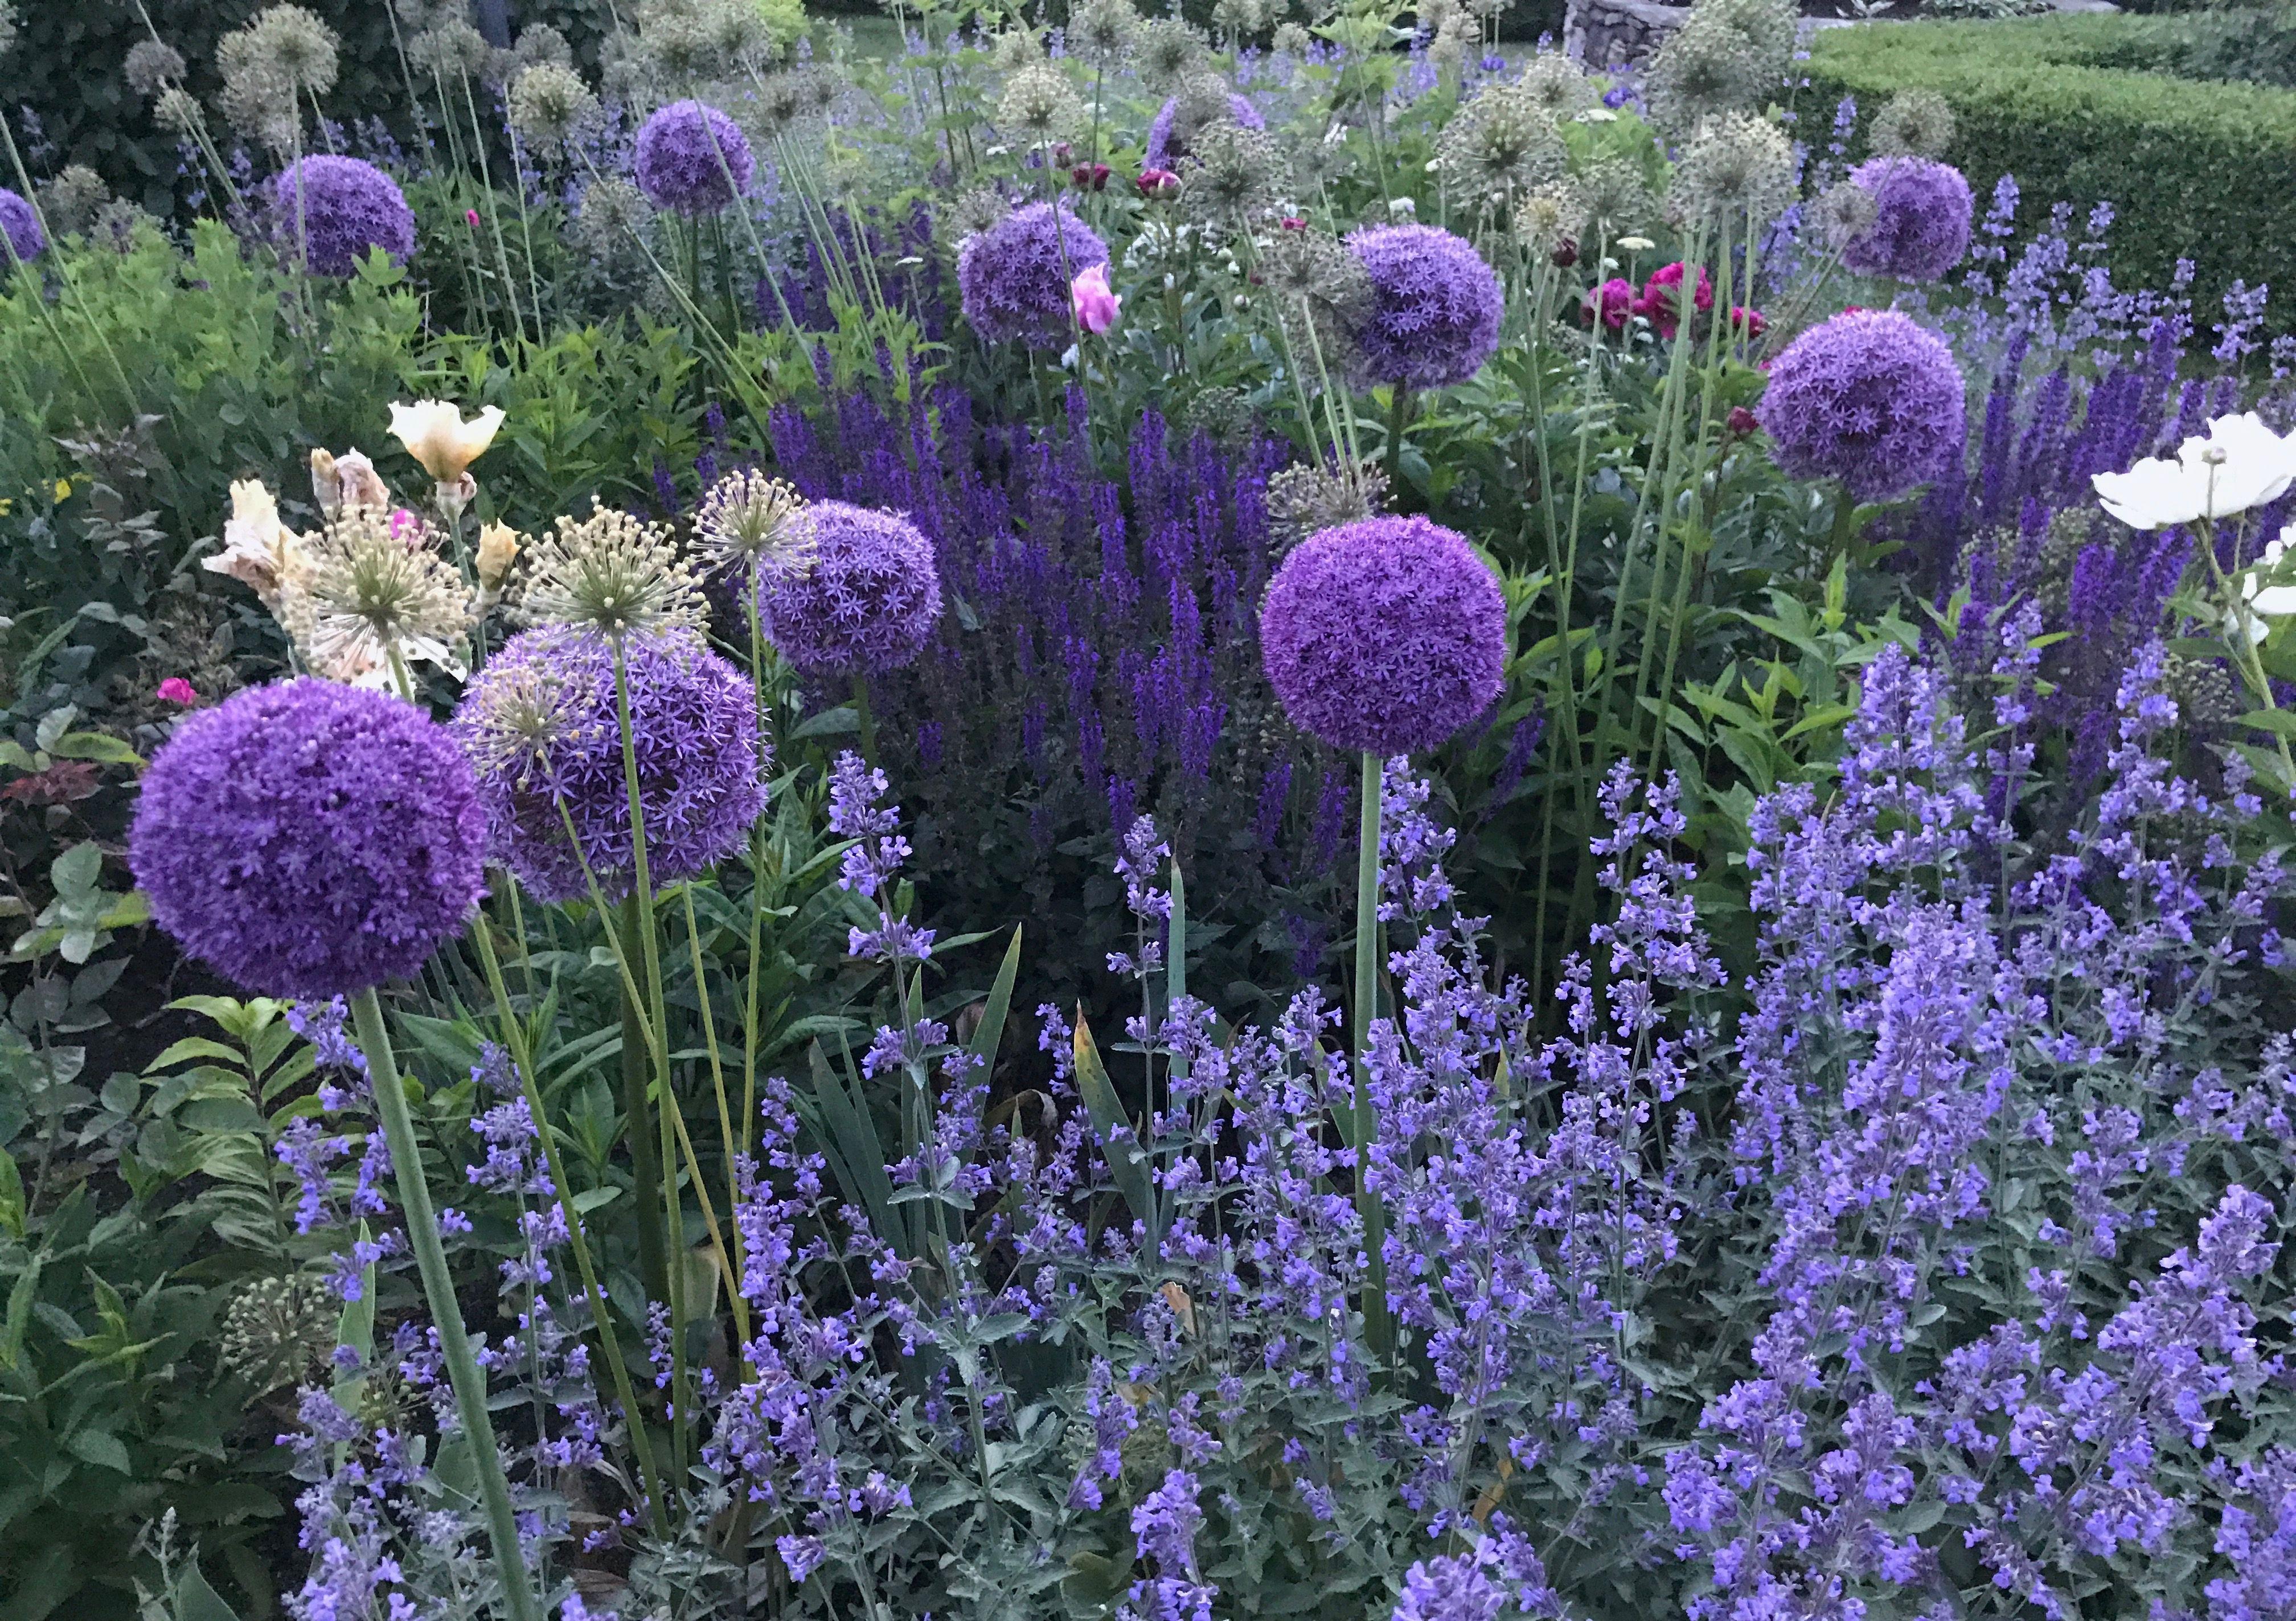 allium, nepeta, salvia in Carolyne Roehm's garden...